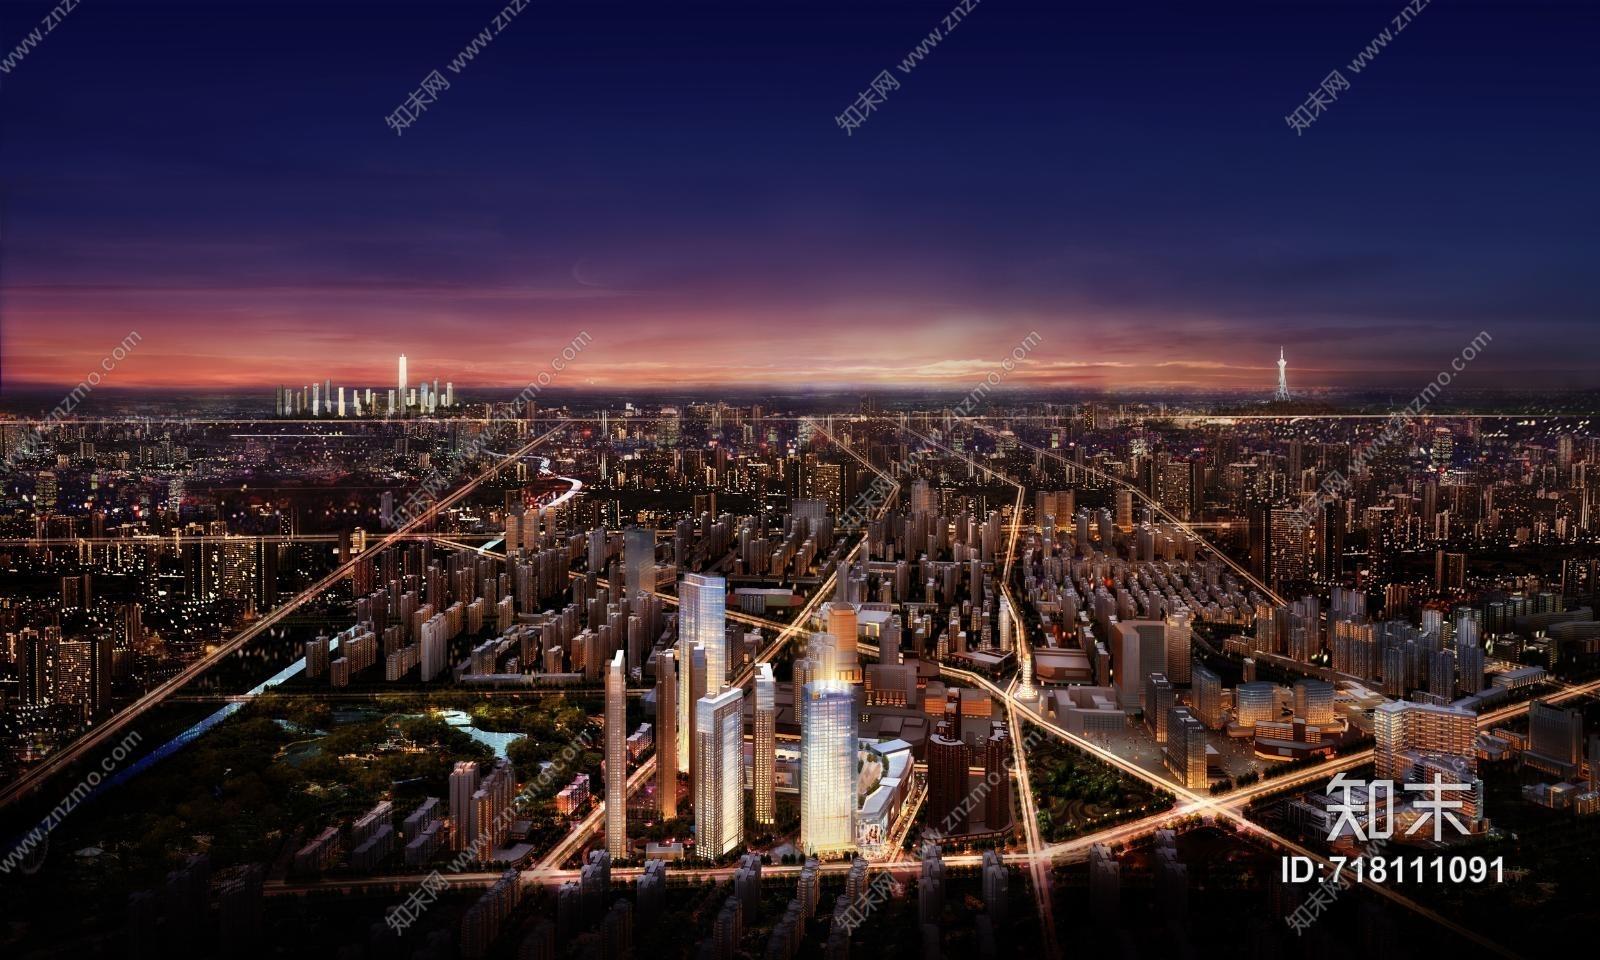 【PRADA普拉达】郑州万象城PRADA奢侈品专卖店丨CAD施工图丨208M丨即将开业施工图下载【ID:718111091】